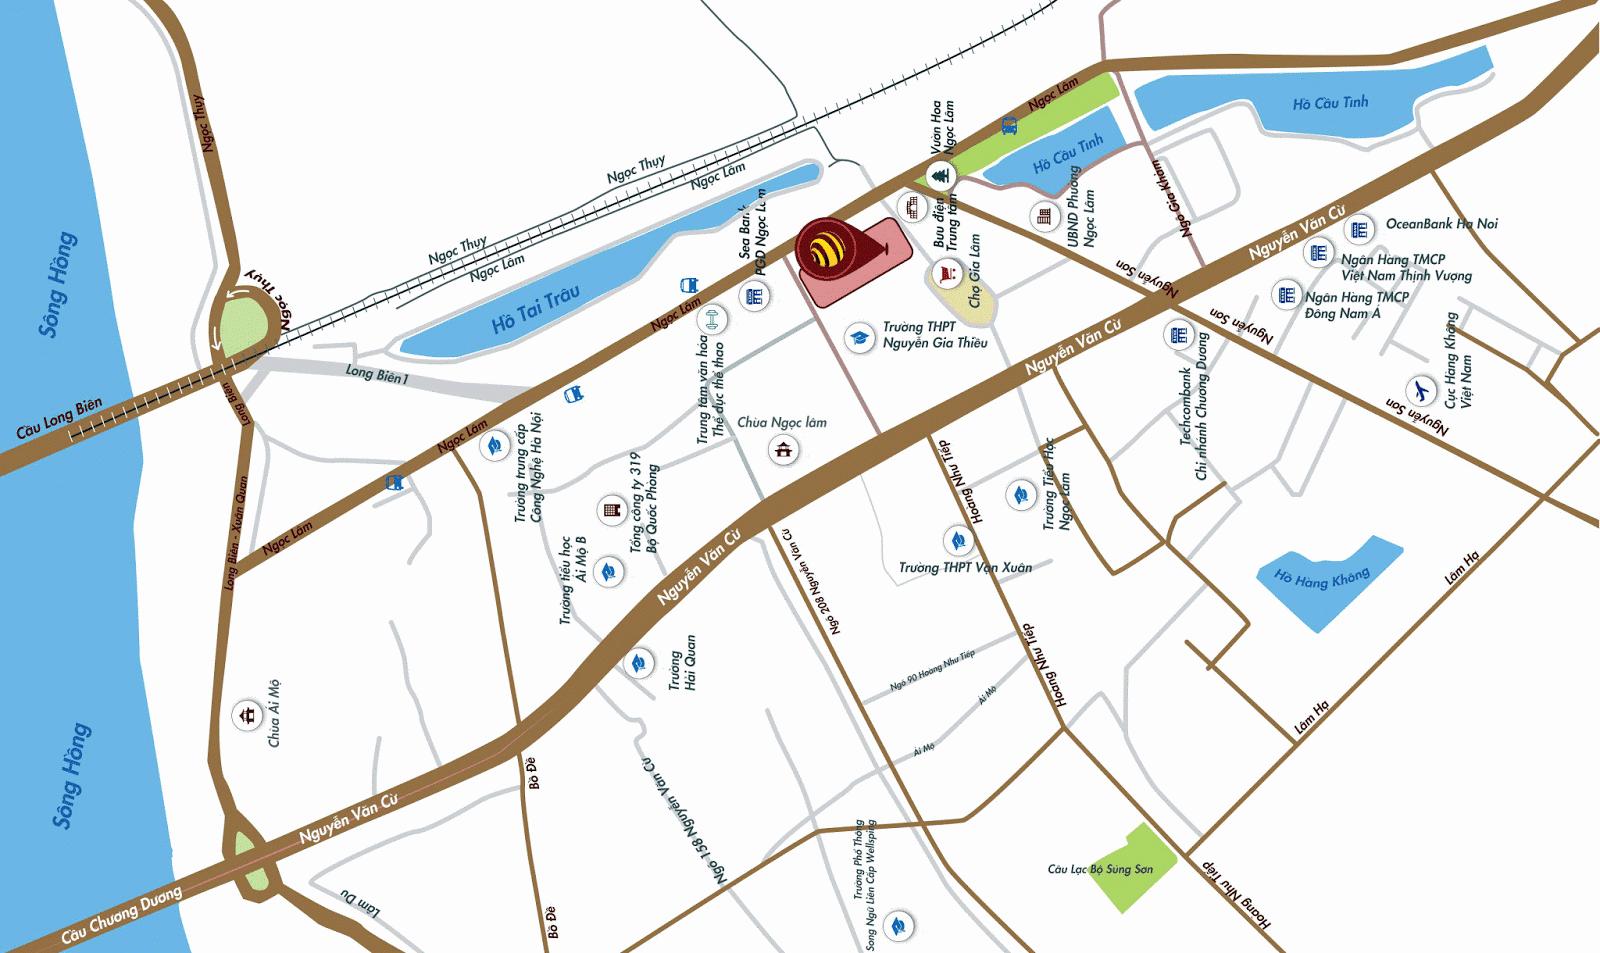 Vị trí chung cư One 18 - Ngọc Lâm - Long Biên